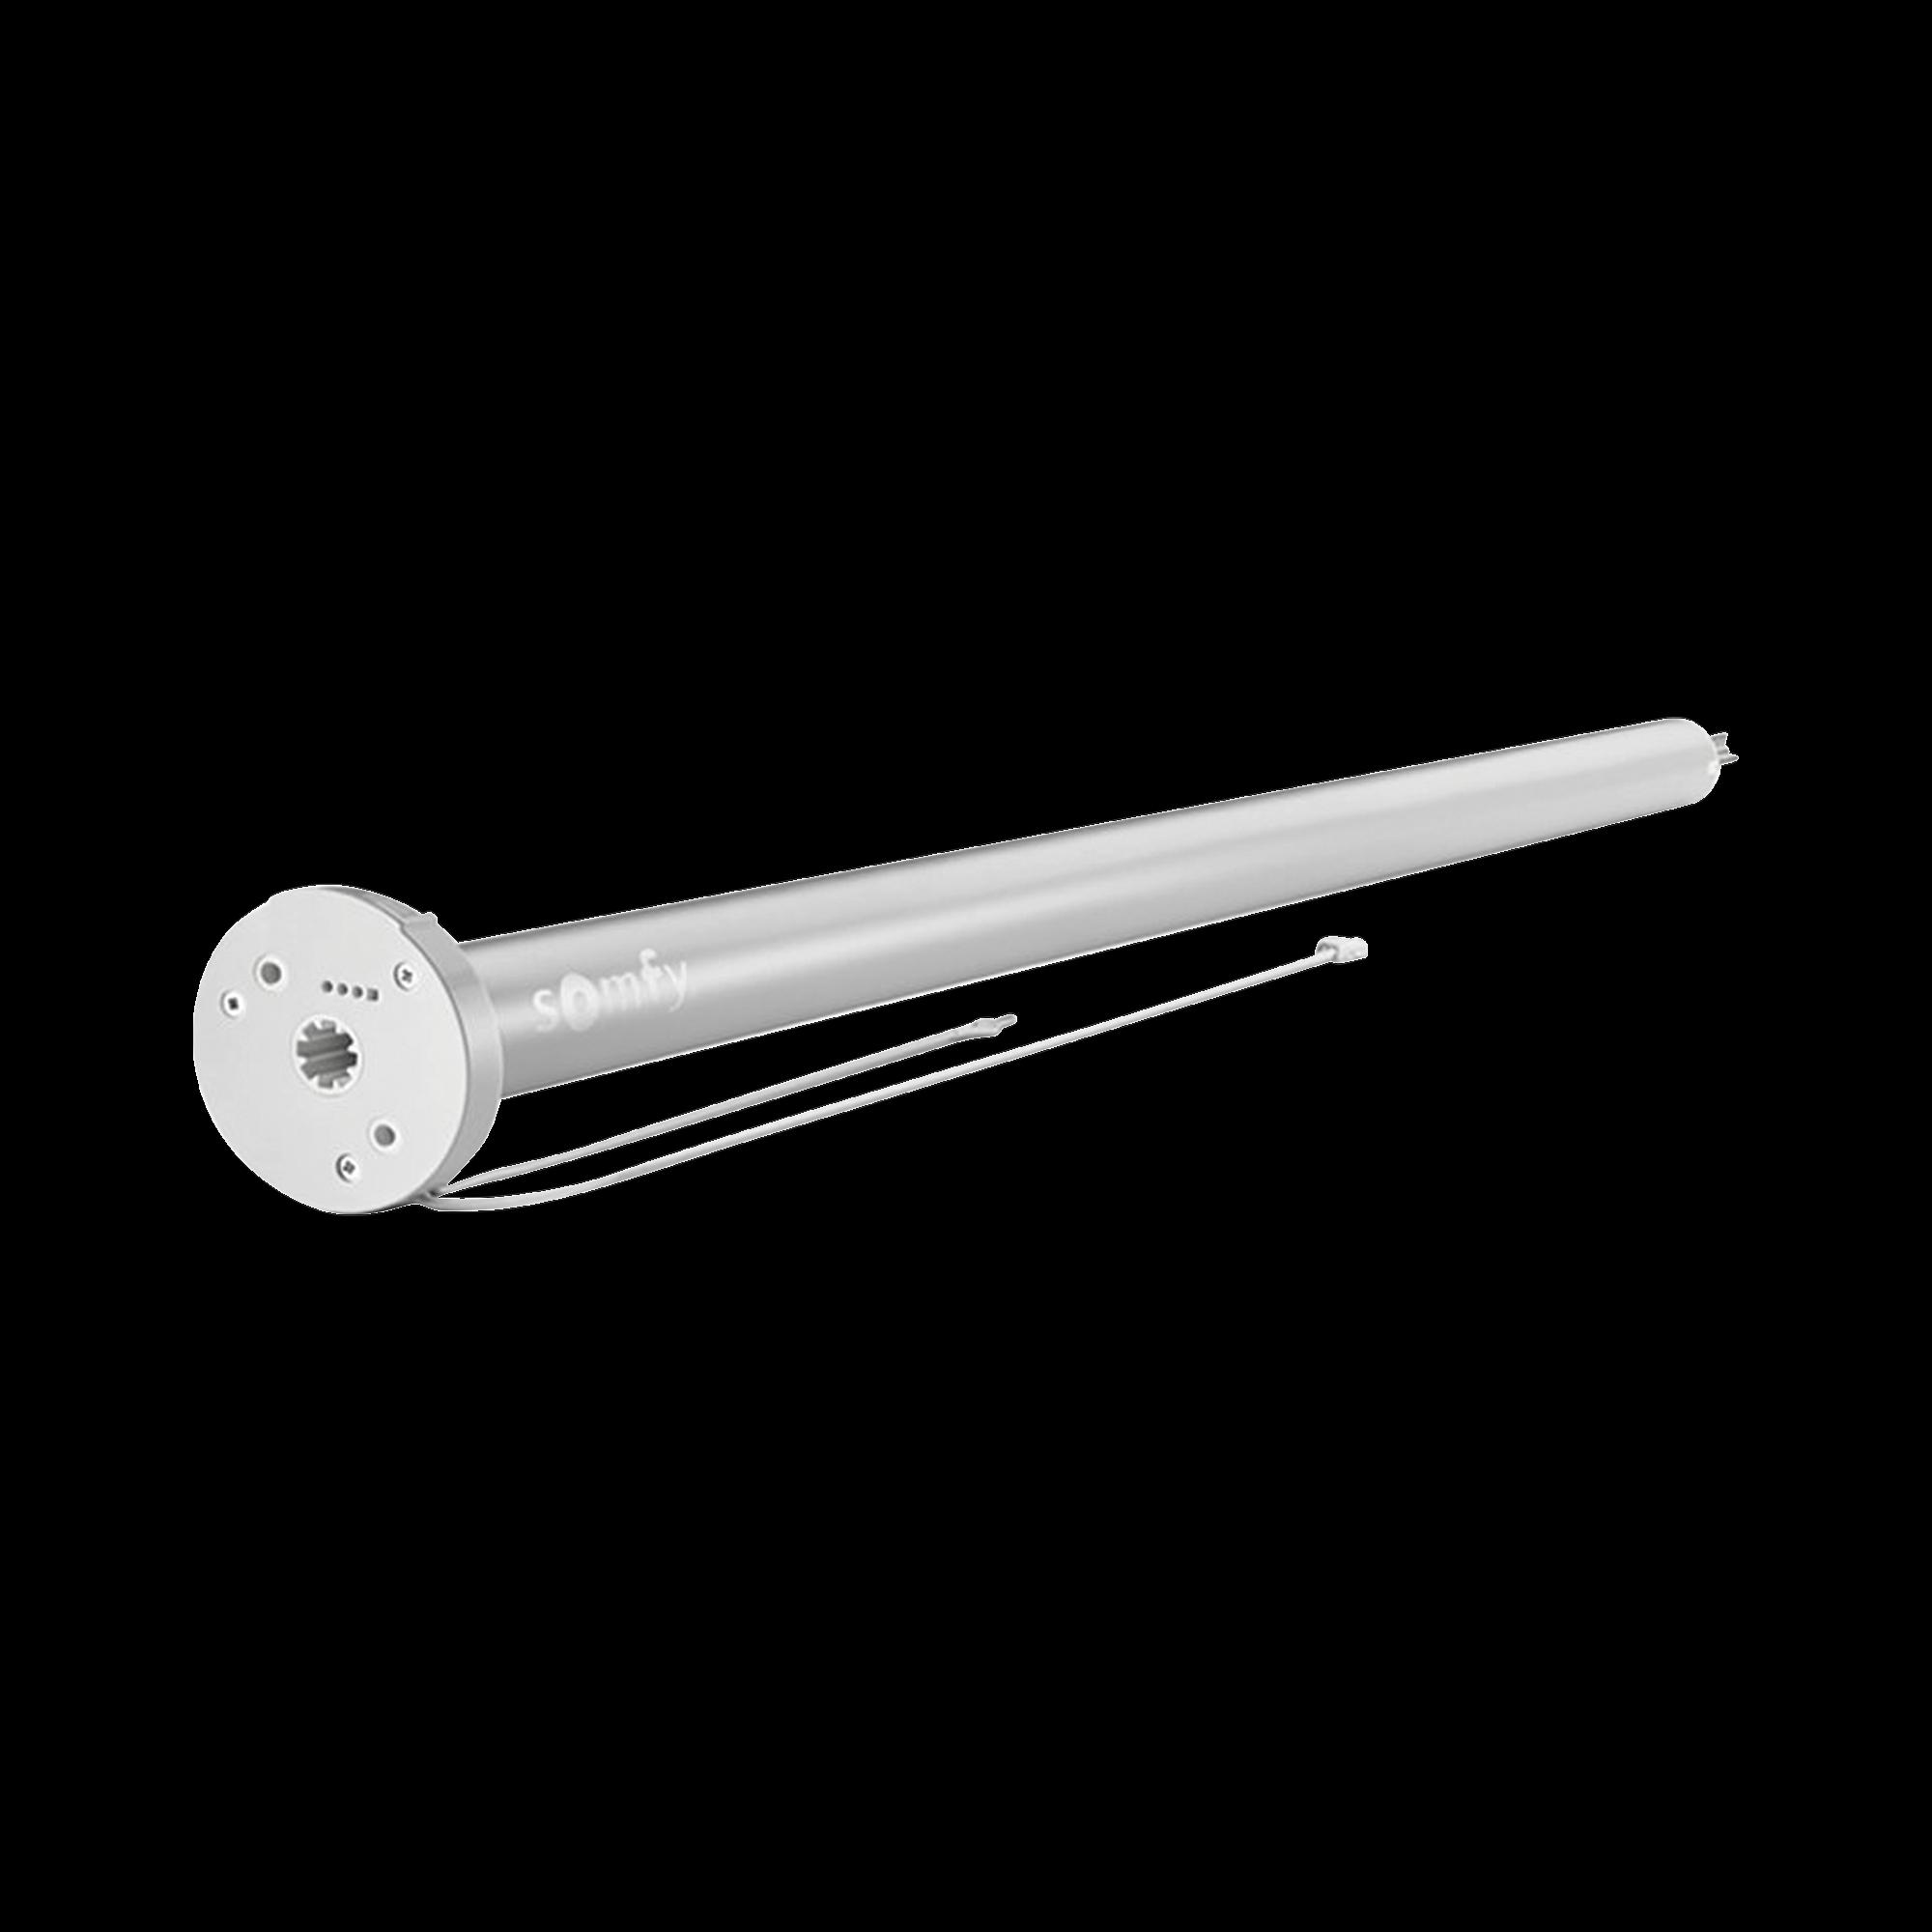 Motor inalambrico de baterías para implementación en persianas y cortinas interiores, ventana de 2.30 mts ancho y alto 3.00 mts máximo